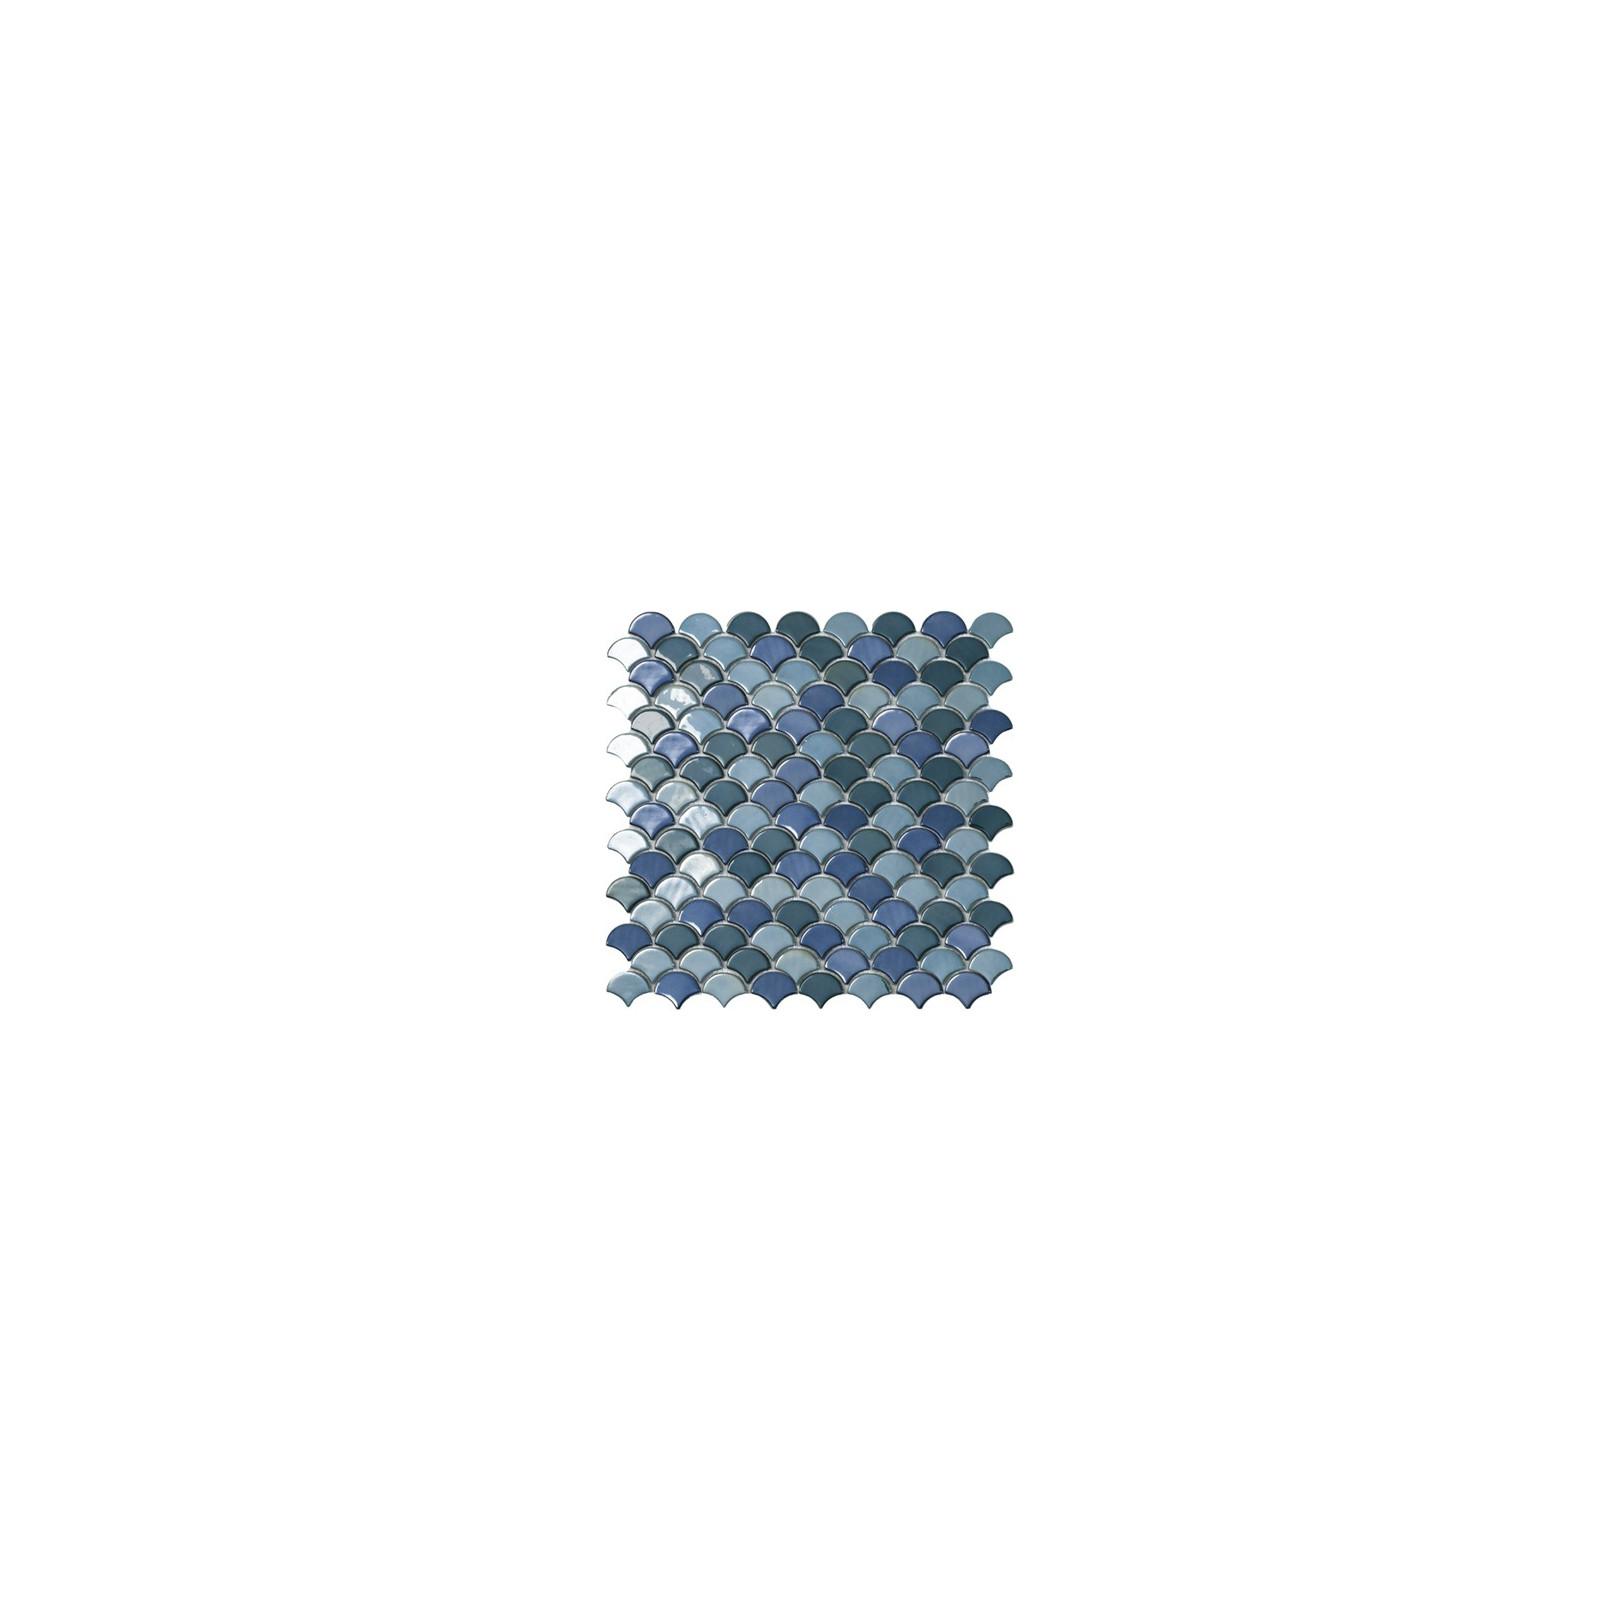 Mosaïque Soul écaille 3,6x2,9cm green mix (vert et bleu) brillant sur trame nylon 32,4x31,7cm